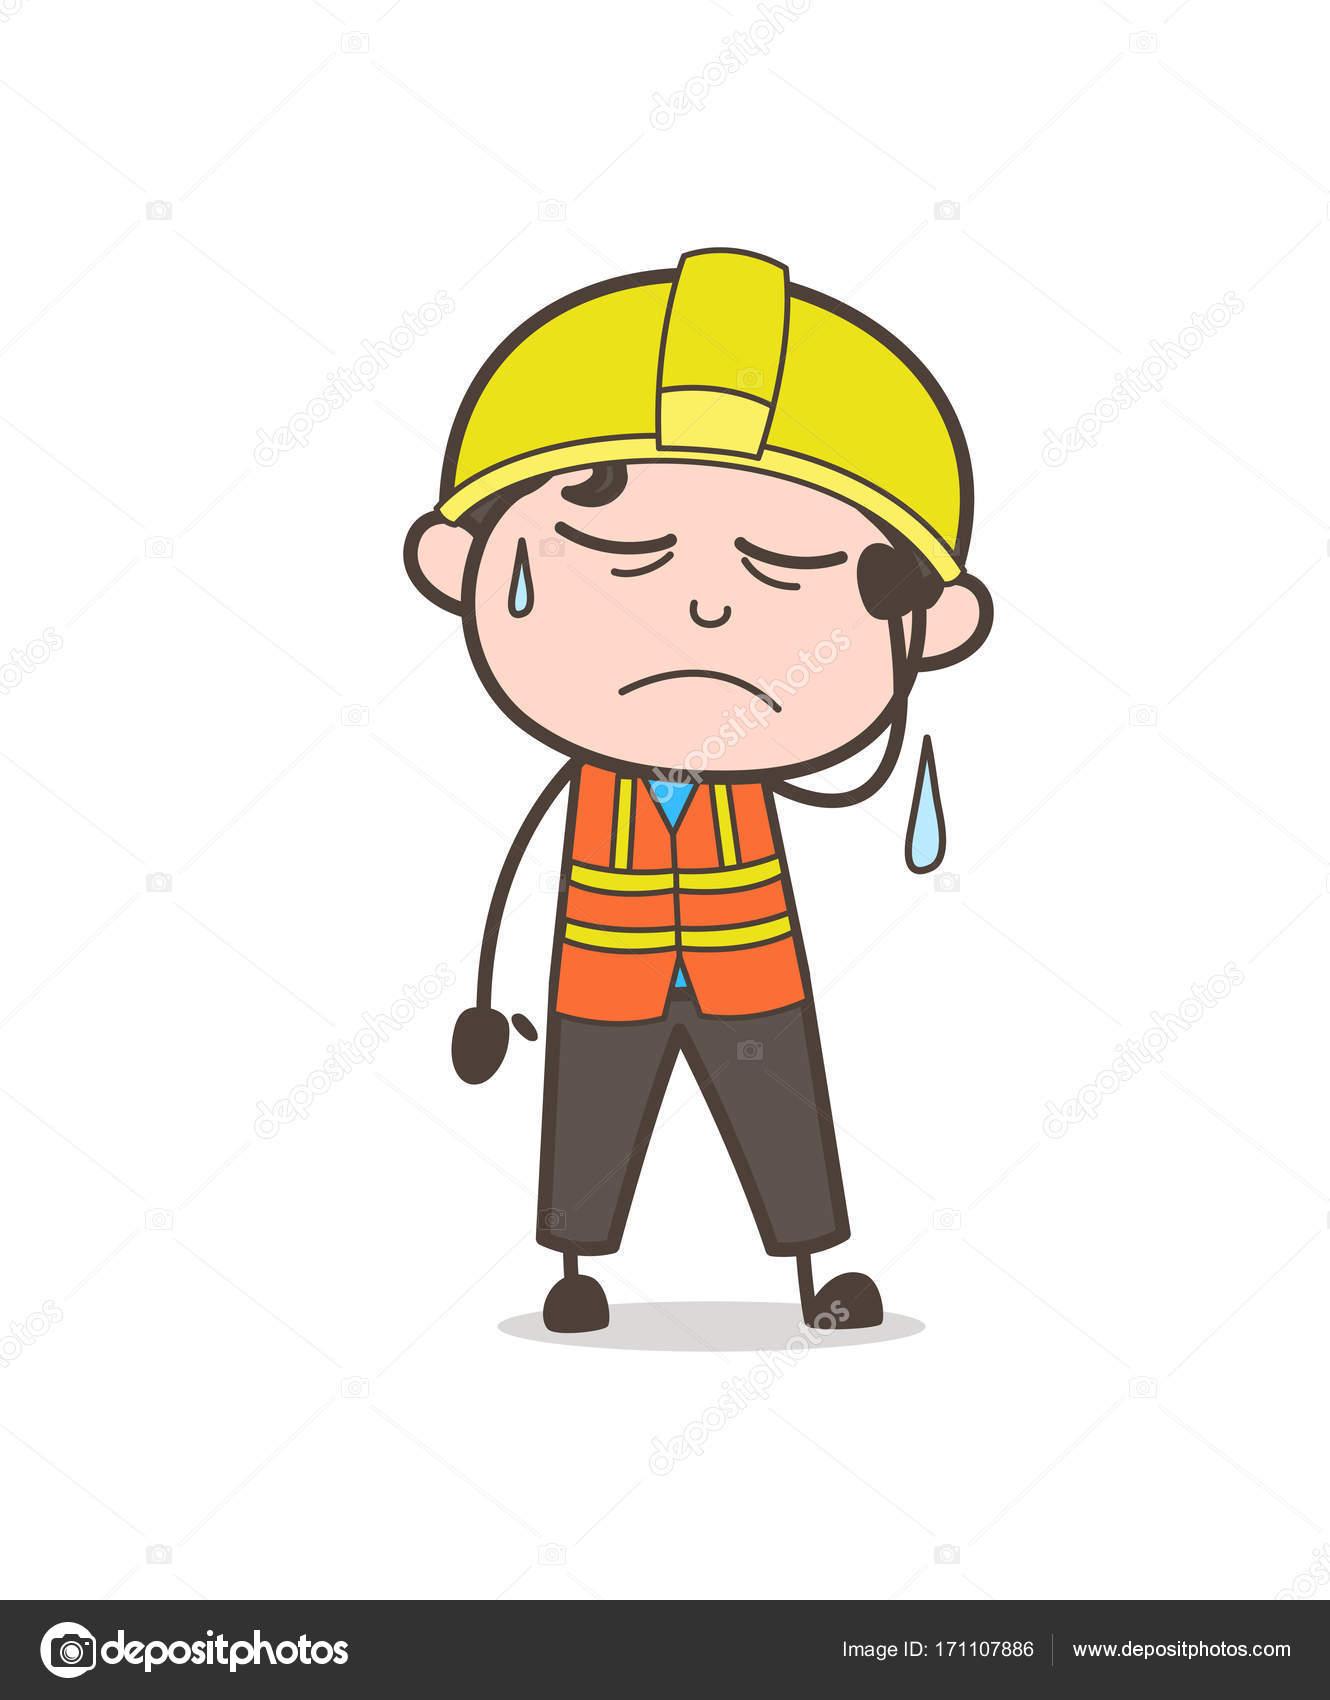 泣き顔かわいい漫画の男性エンジニア実例に失望 — ストックベクター